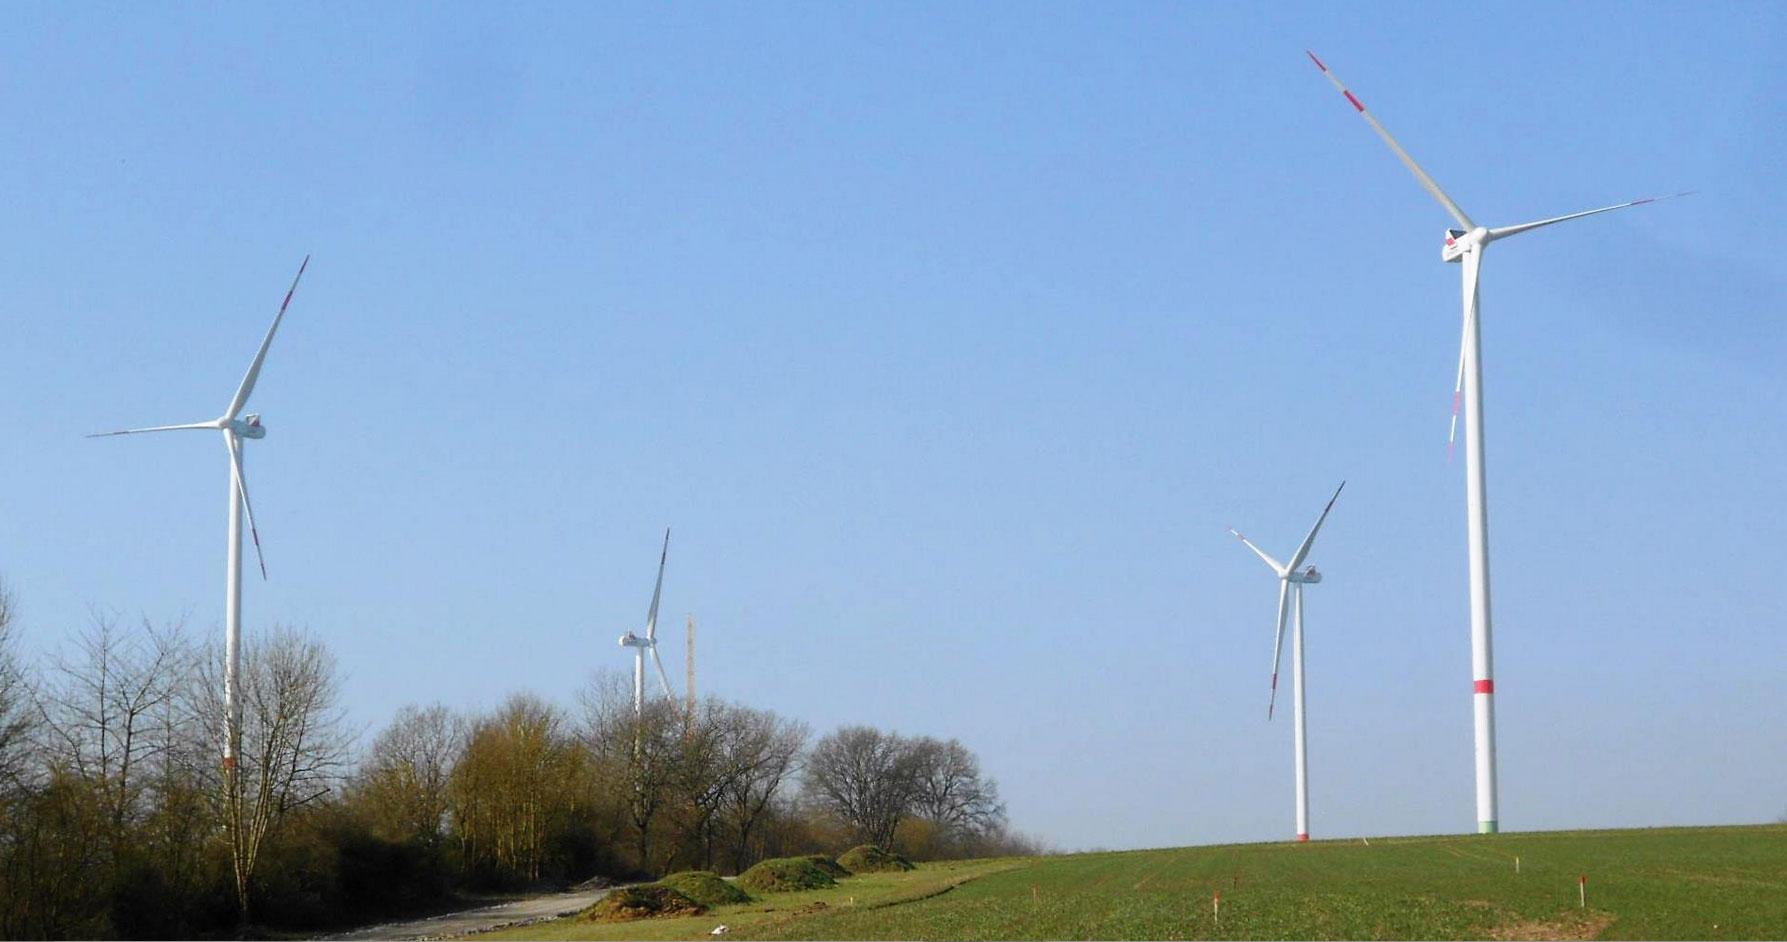 Das Bürgerprojekt mit vier Anlagen vom Typ Vestas V112 3.3 liefert sauberen Windstrom für mehr als 7.000 Haushalte. / Pressebild